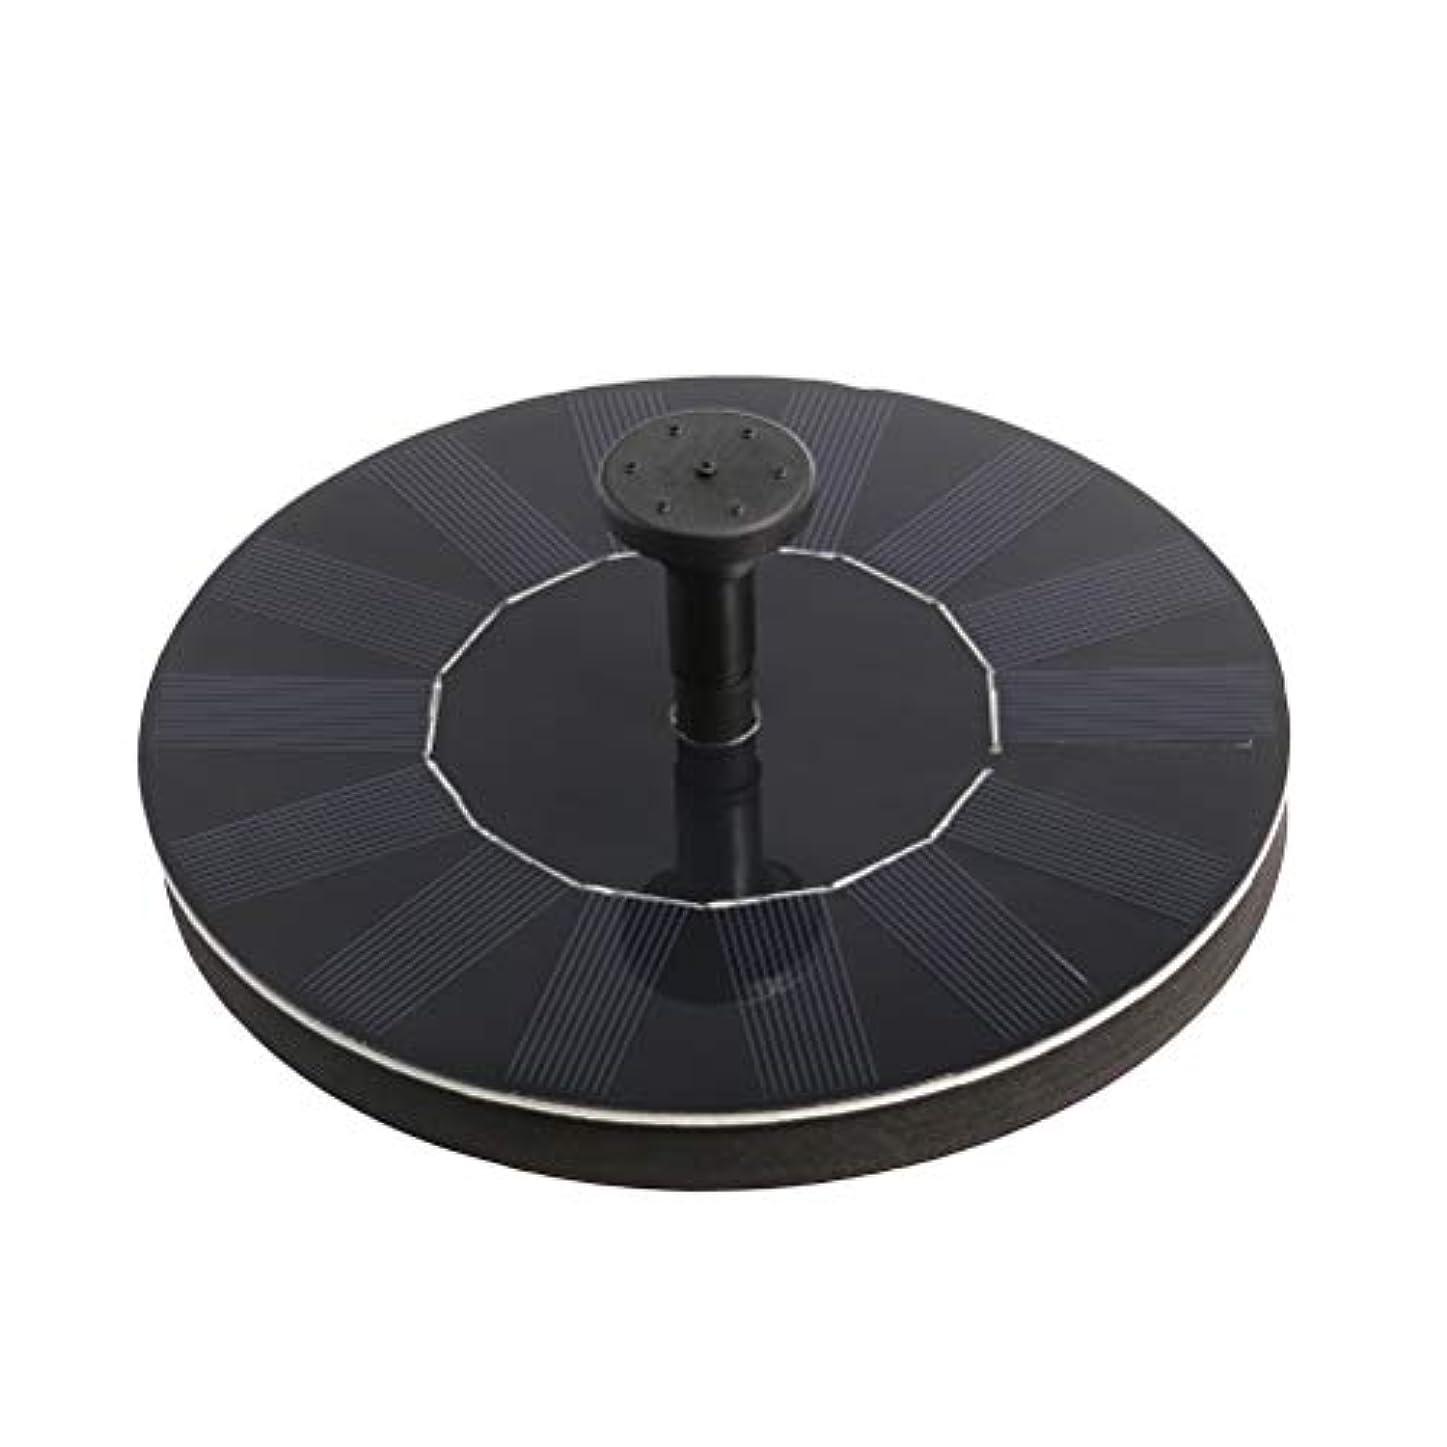 簡略化する予知明らかLIOOBO 1.4ワットソーラーパワーポンプバードバス噴水ポンプ1.4ワットソーラーウォーターポンプキット用バードバスウォーター(ブラック)